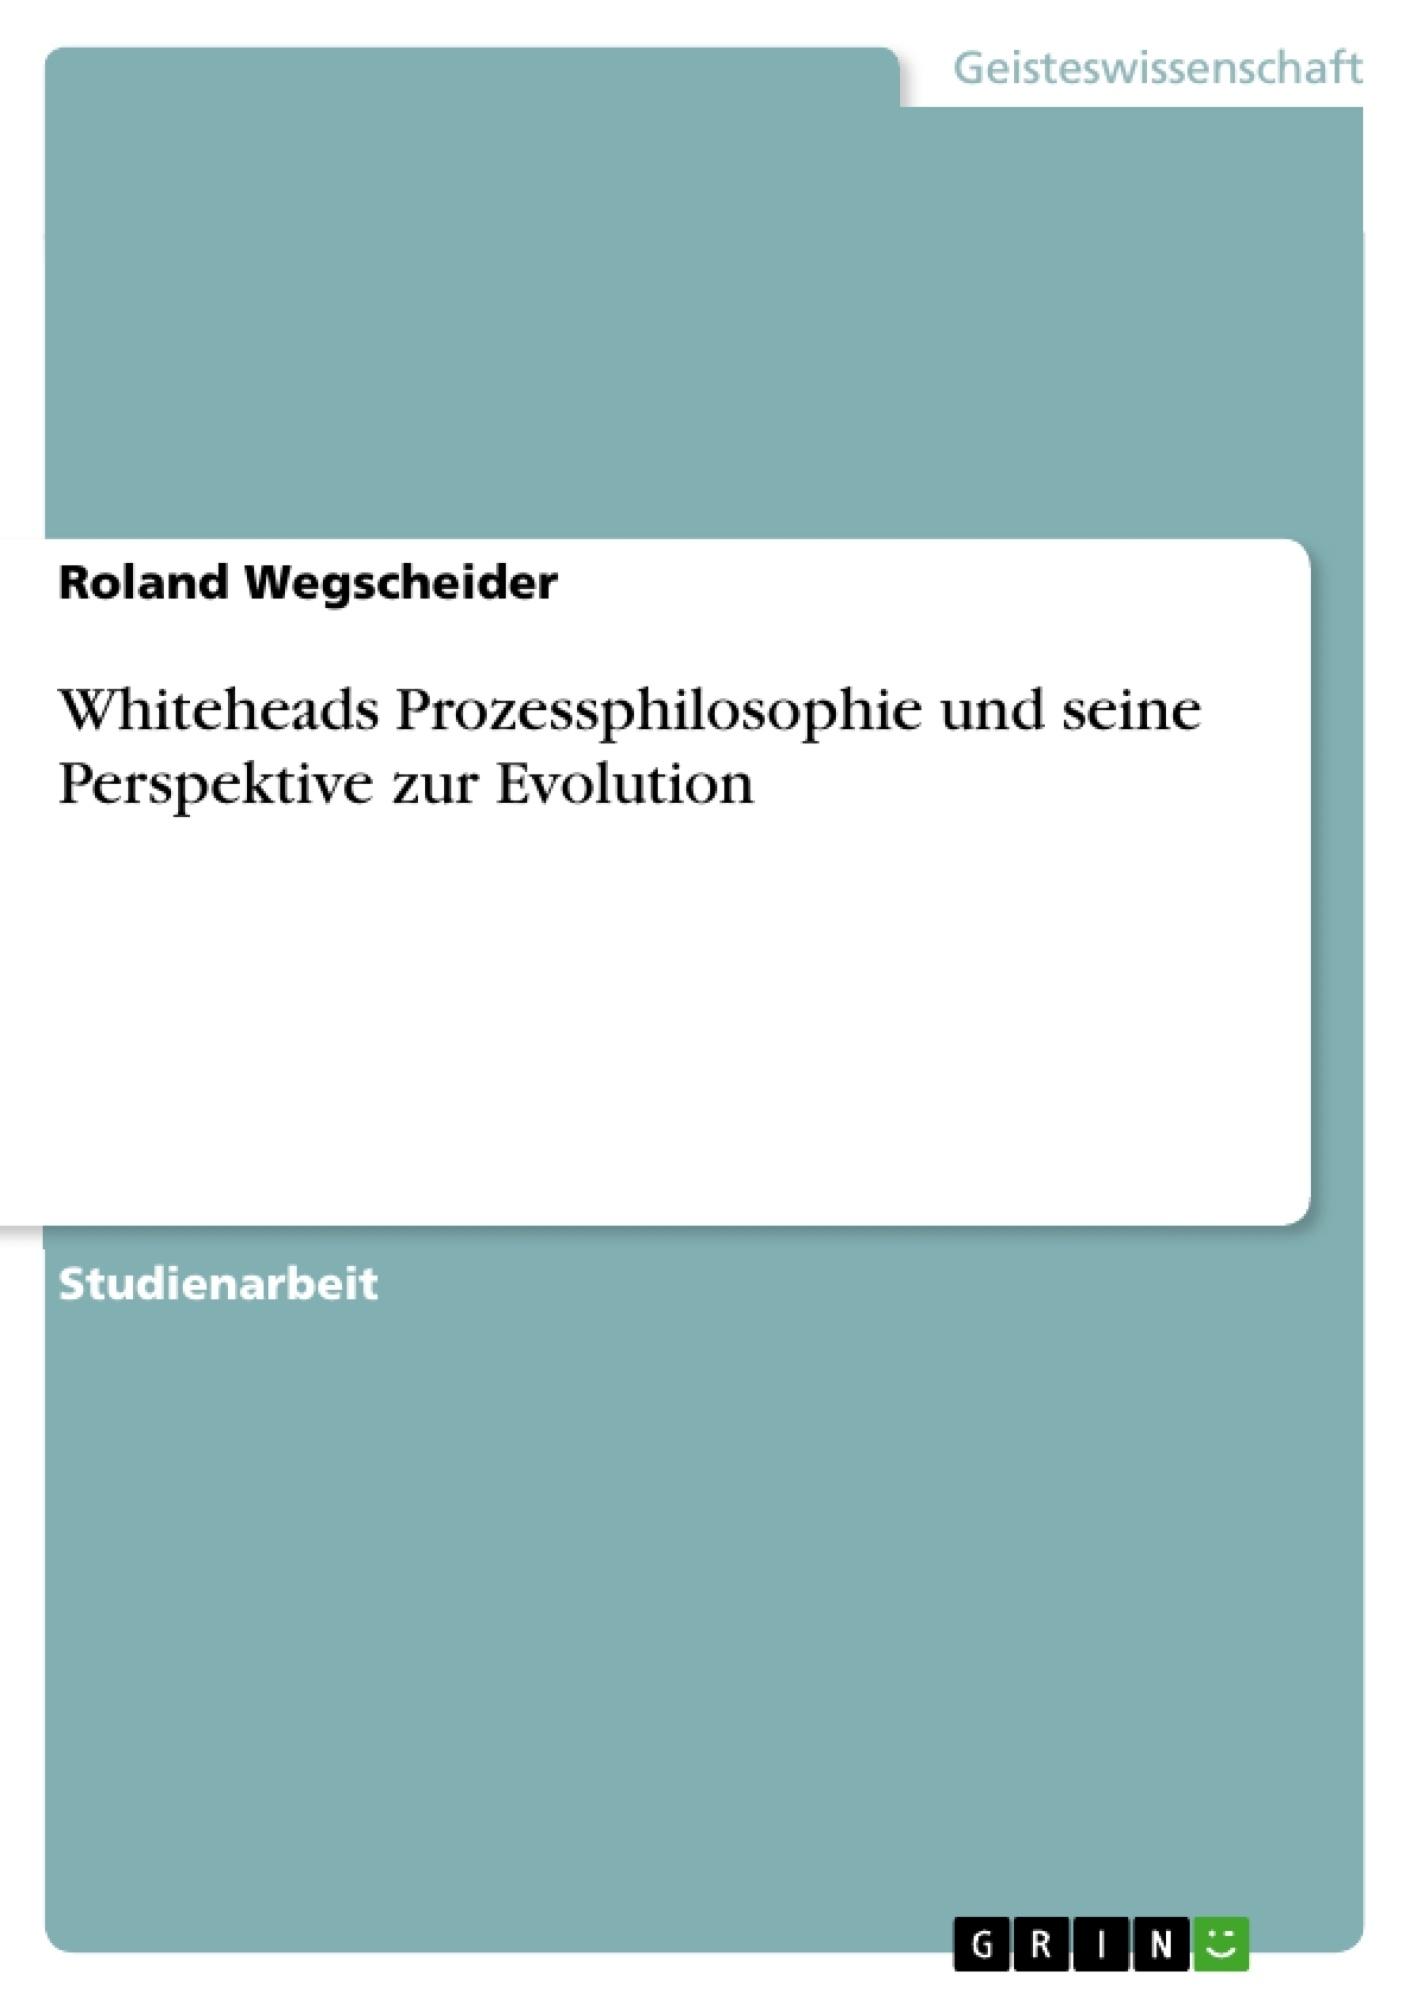 Titel: Whiteheads Prozessphilosophie und seine Perspektive zur Evolution